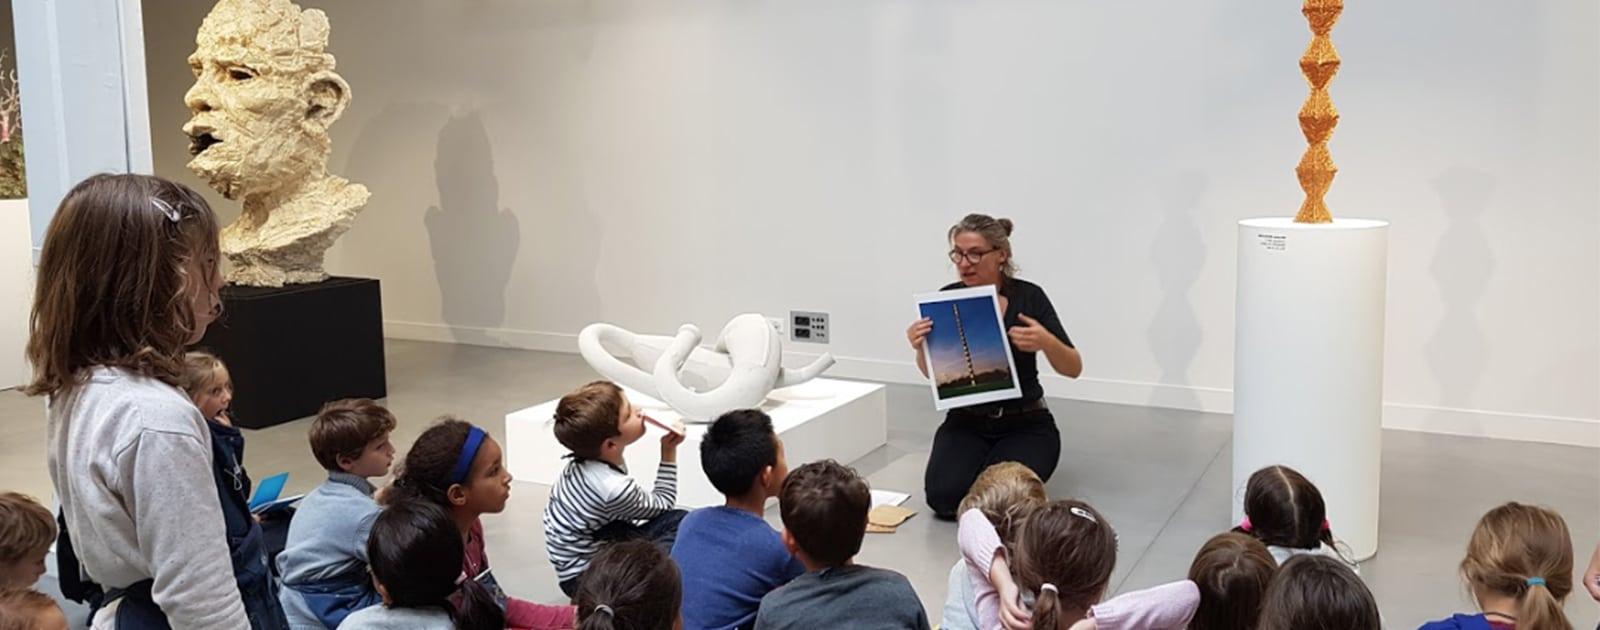 Visite-ateliers autour du Prix MAIF pour la Sculpture 2018